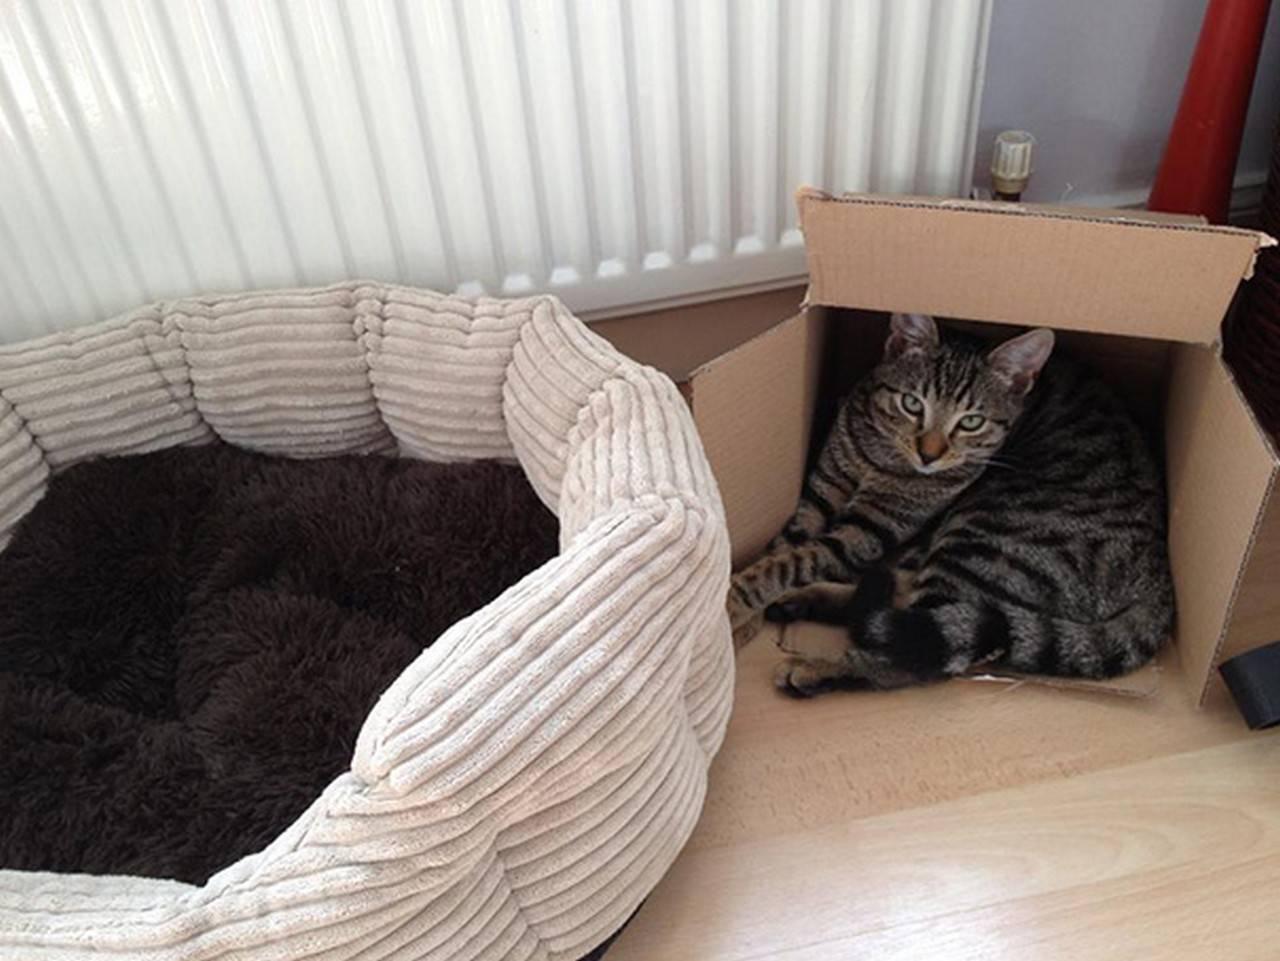 Почему кошкам нравятся пакеты и коробки, из-за чего коты любят в них сидеть и спать?